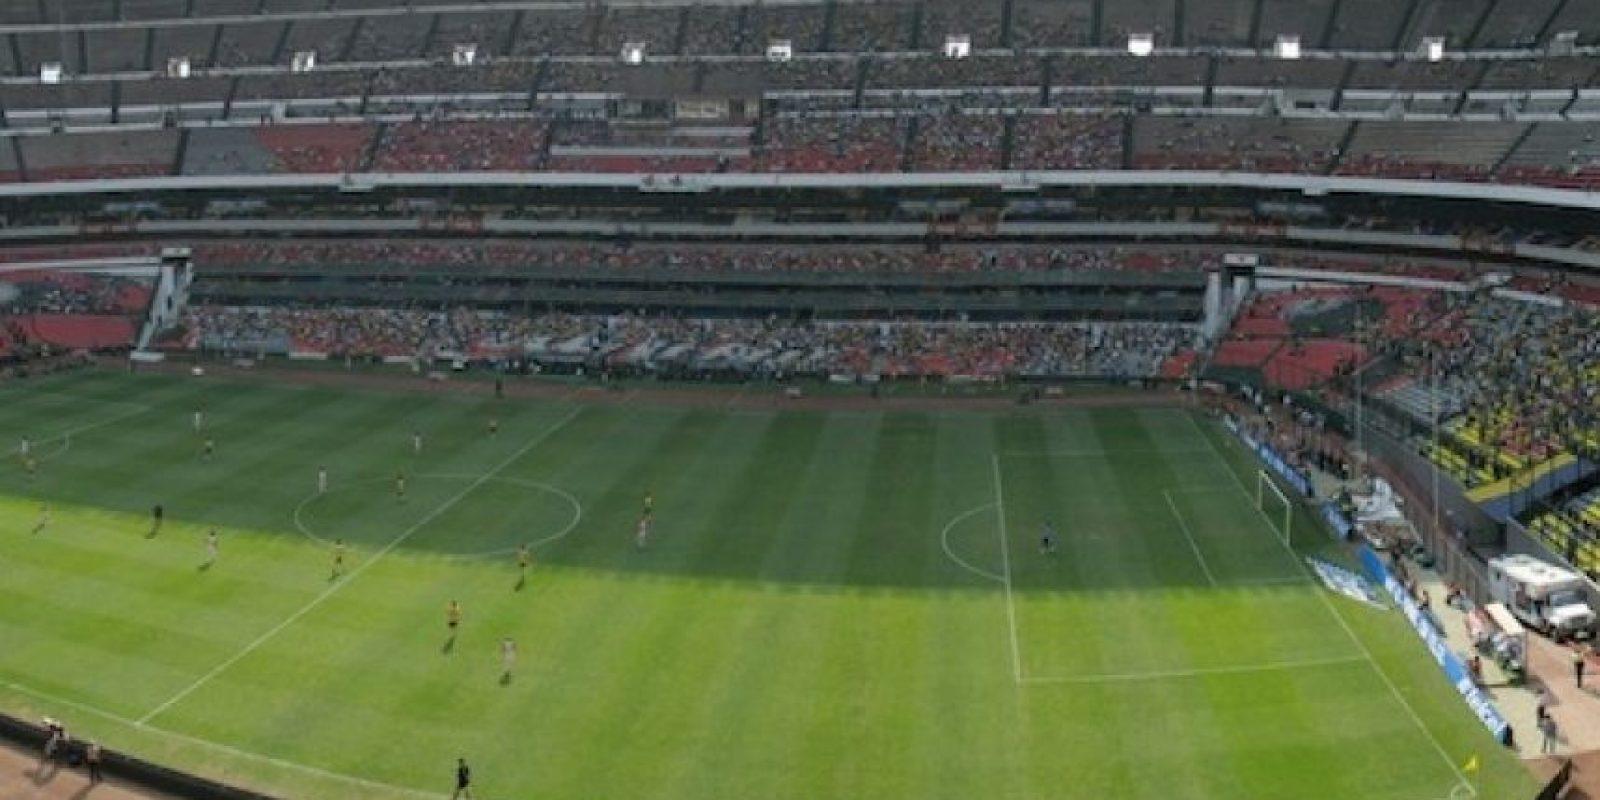 Se afirma que en legendario Estadio Azteca (donde marcó un gol), se le haga un homenaje este 30 de noviembre. Foto:Wikipedia